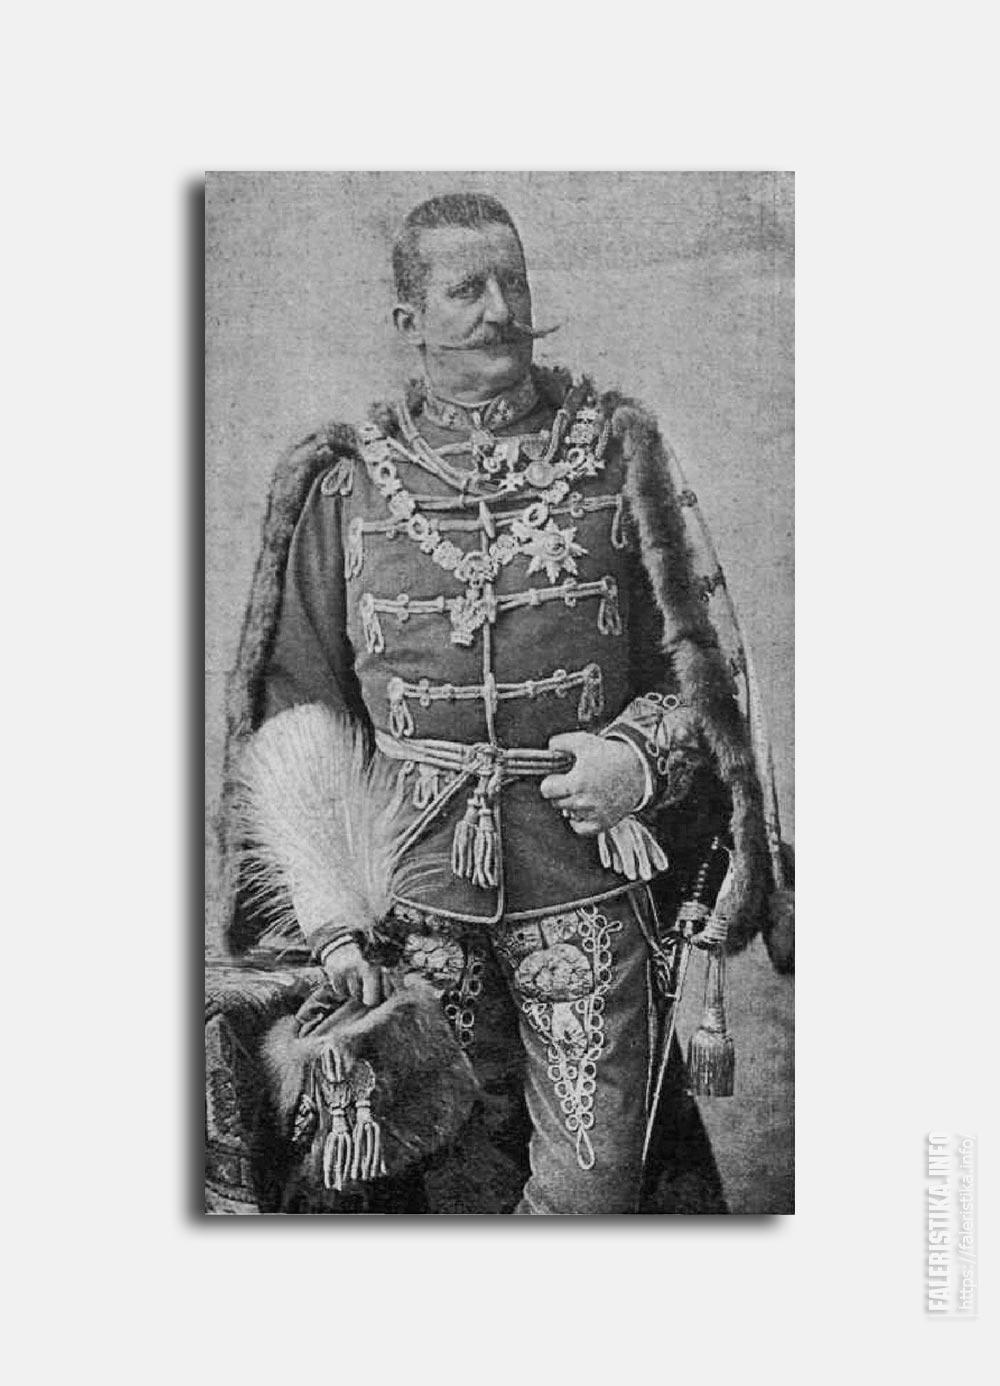 Фельдцехсмейстер Геза Фейервари де Комлош-Керестеш, премьер-министр Венгерского Королевства. Пример ношения знаков Большого Креста Ордена Железной Короны. Цепь, знак, звезда